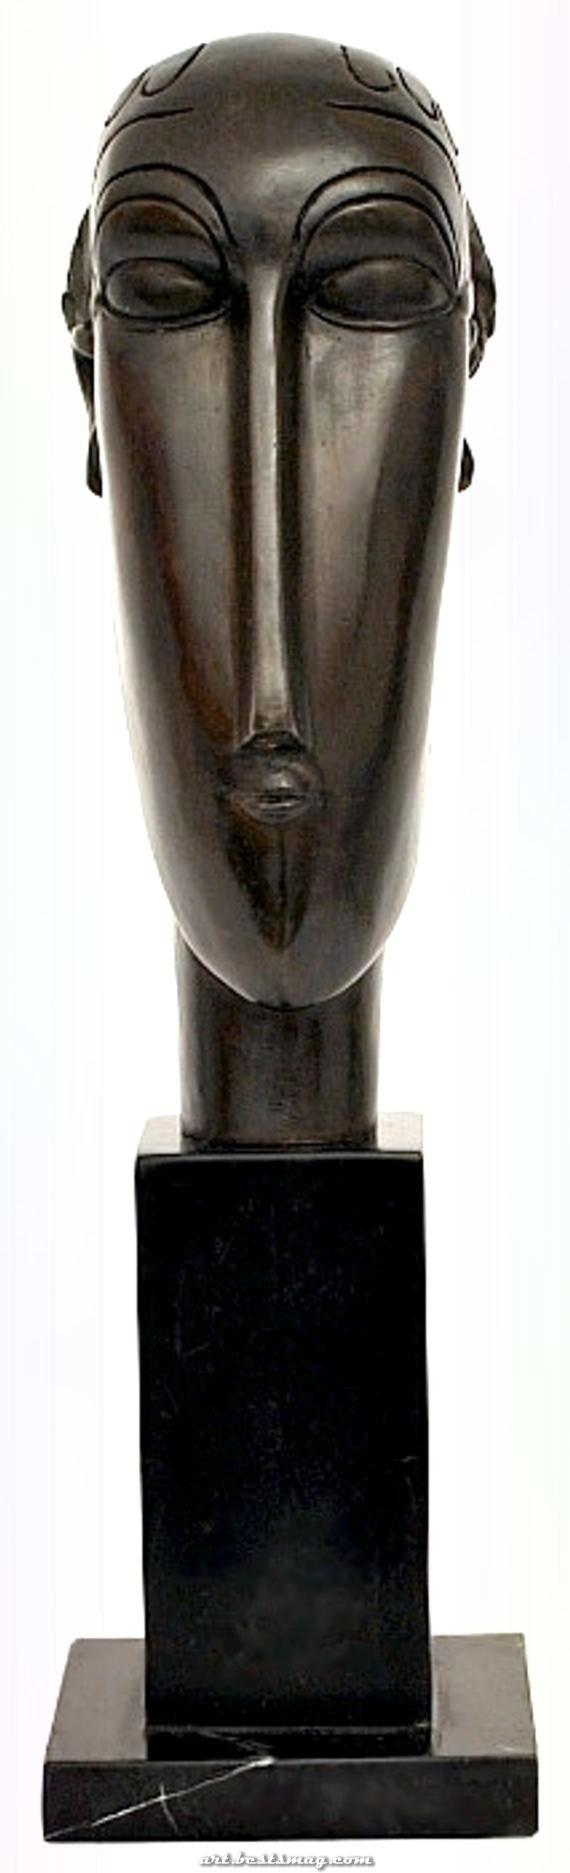 Excellent Amedeo Modigliani-Tribute - Brun-Oeuvre - The Head Of Caryatid  #amedeo #caryatid #modigliani #oeuvre #tribute